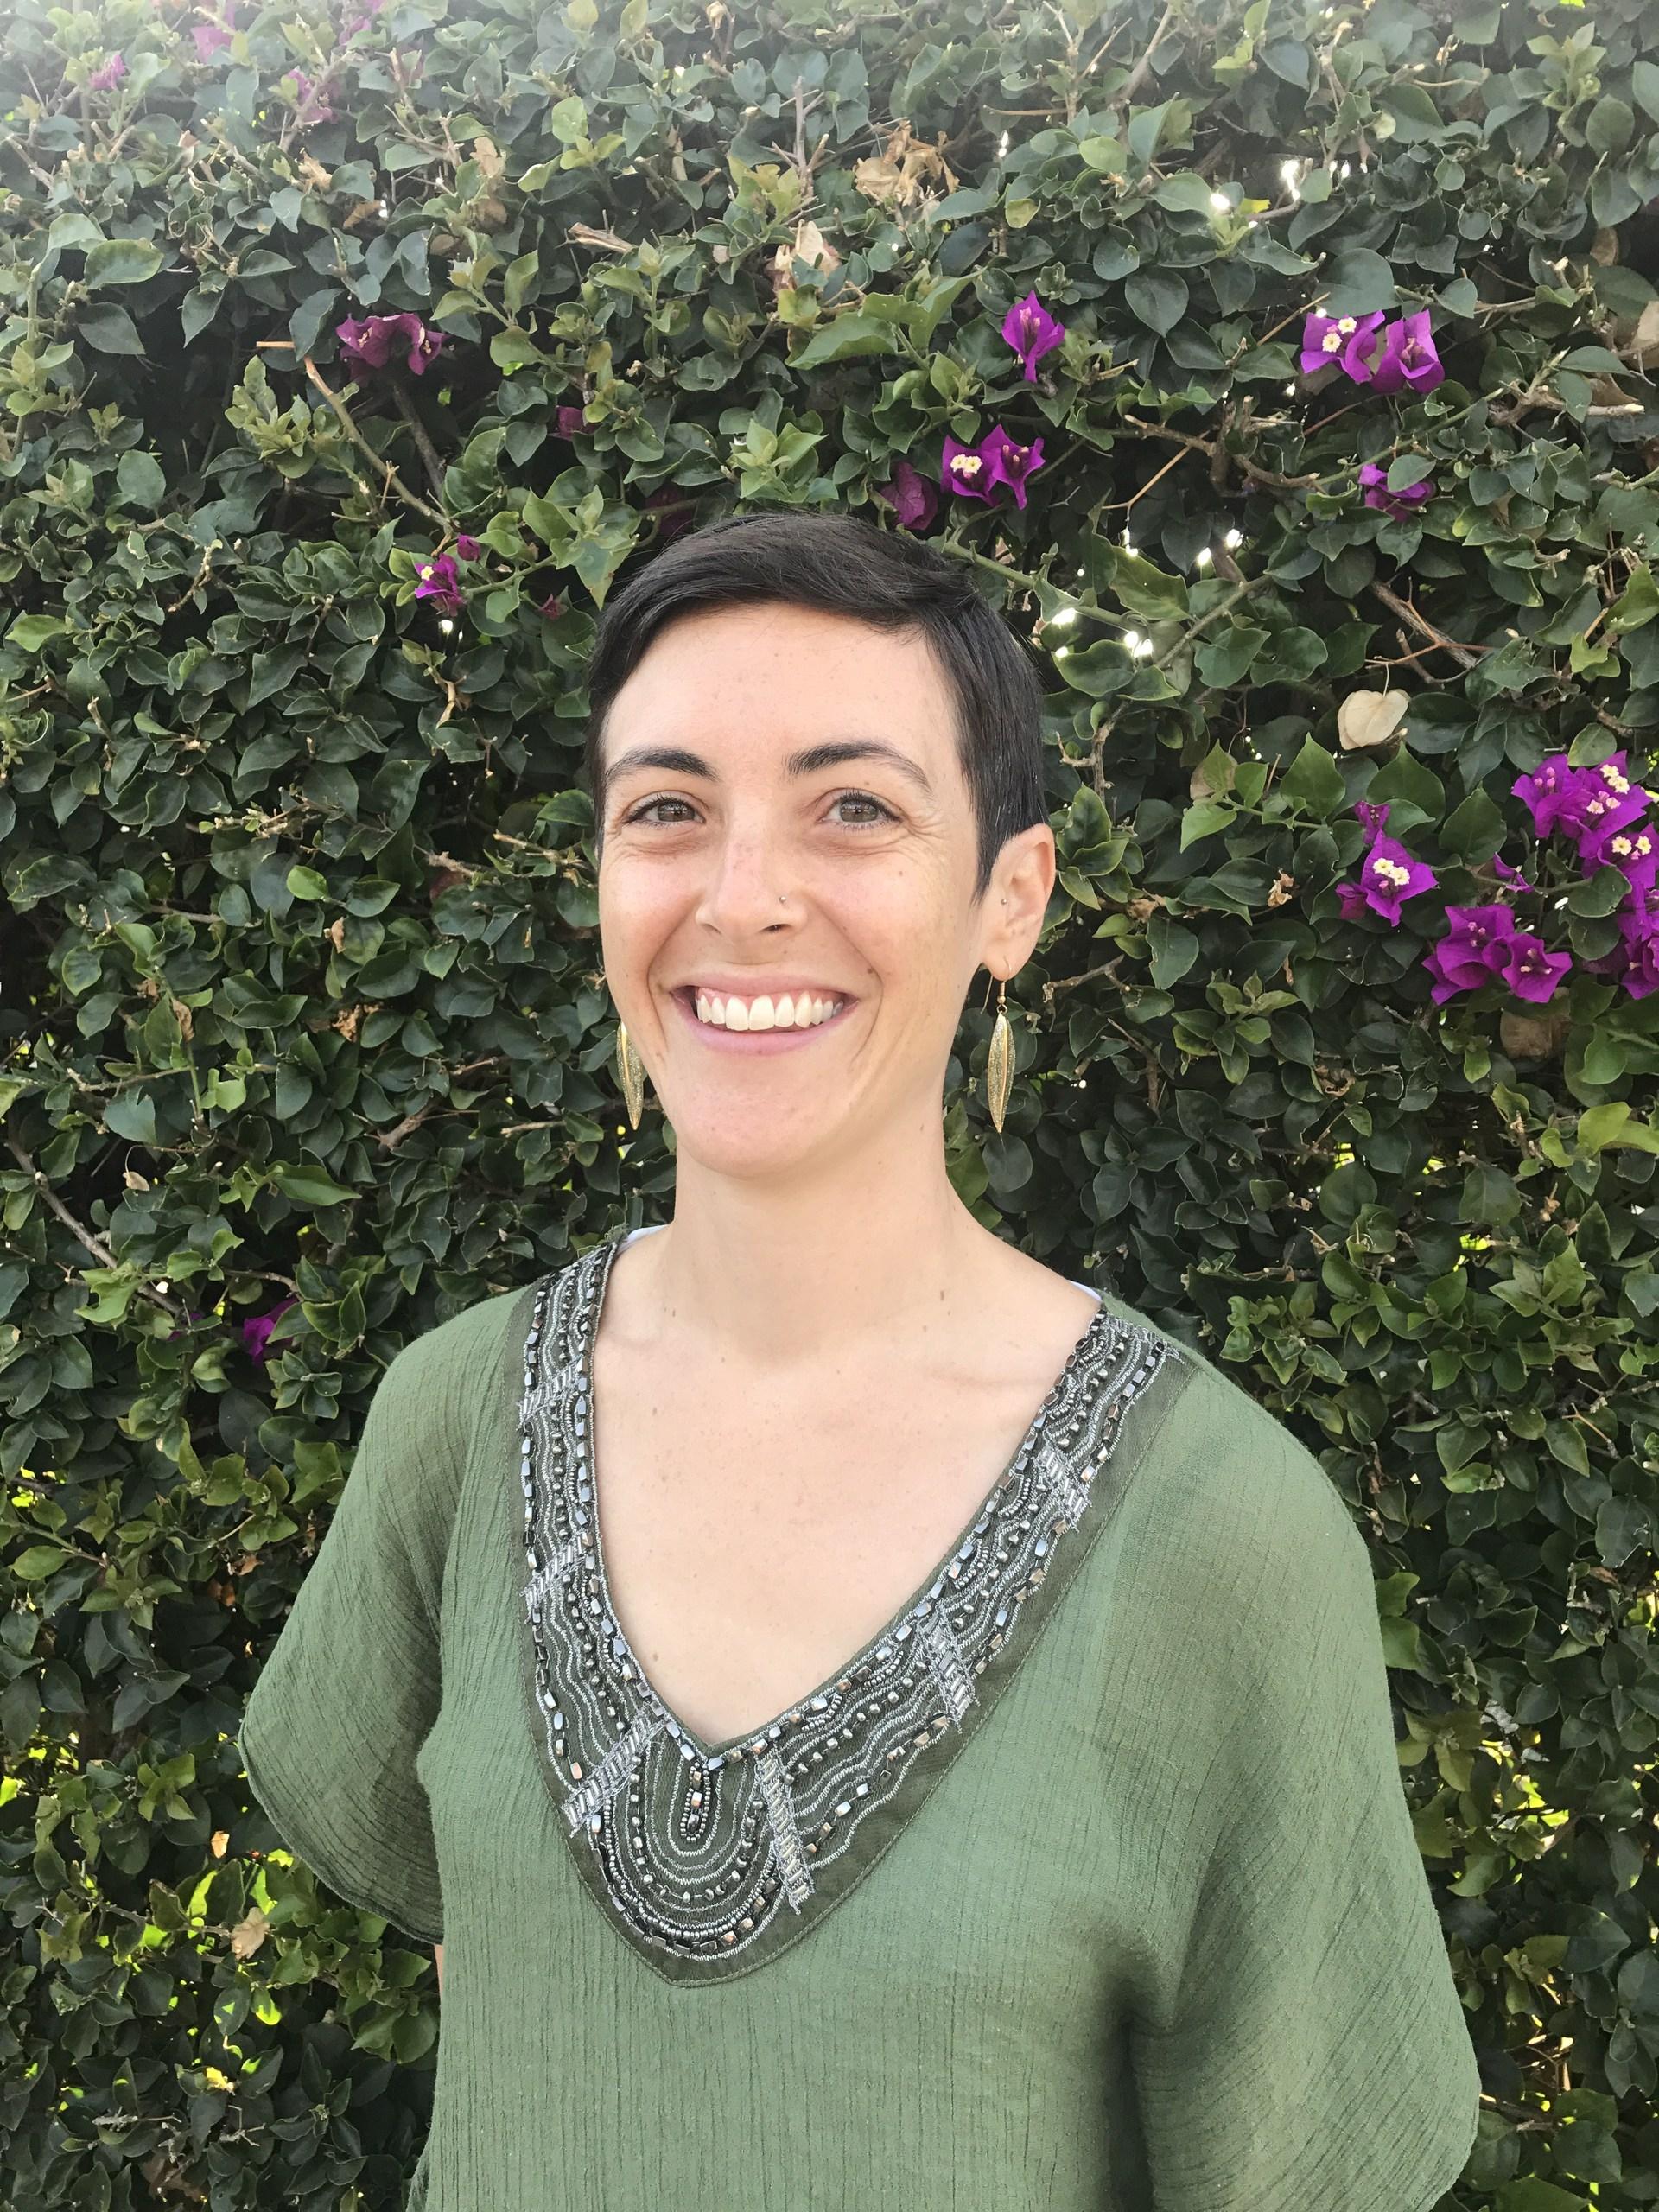 Patti Sica